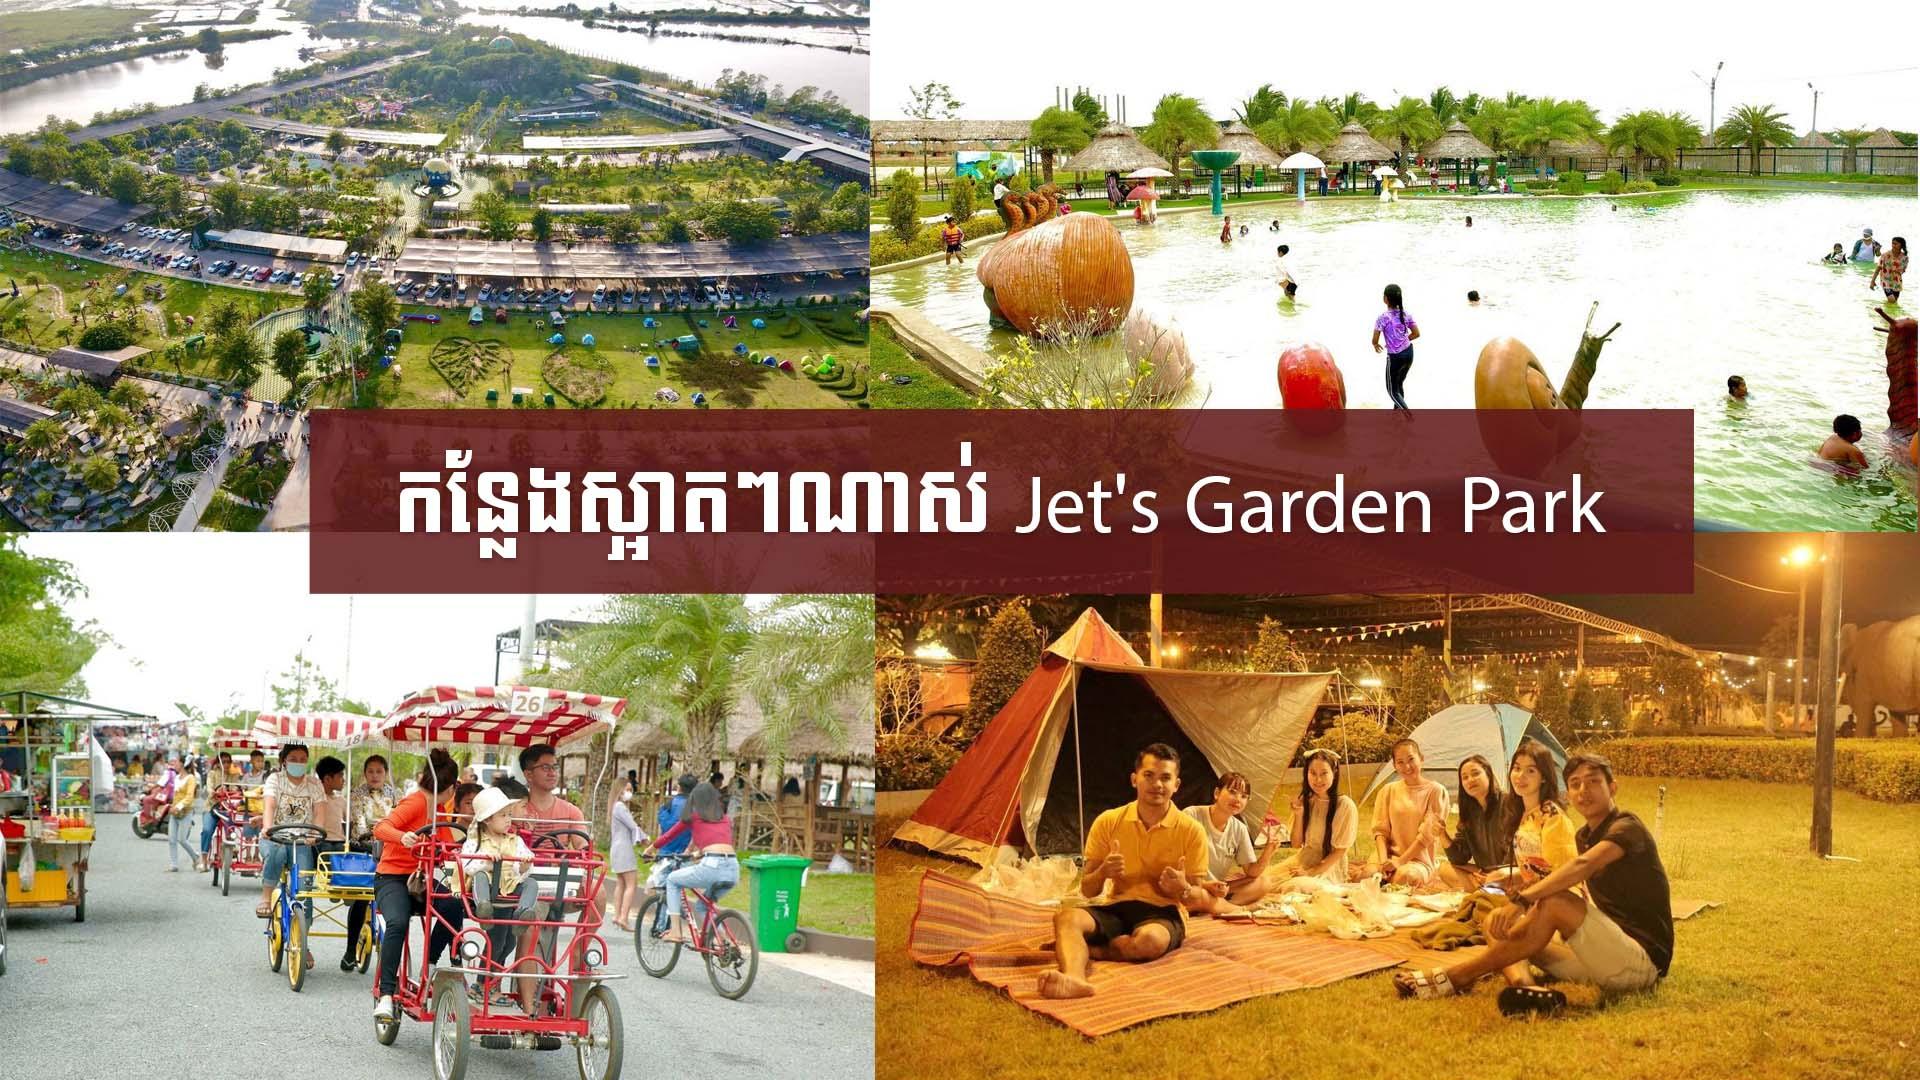 កន្លែងស្អាតៗណាស់! មិនចាំបាច់ទៅឆ្ងាយទេ បោះតង់នៅ Jet's Garden Park ជិតភ្នំពេញ